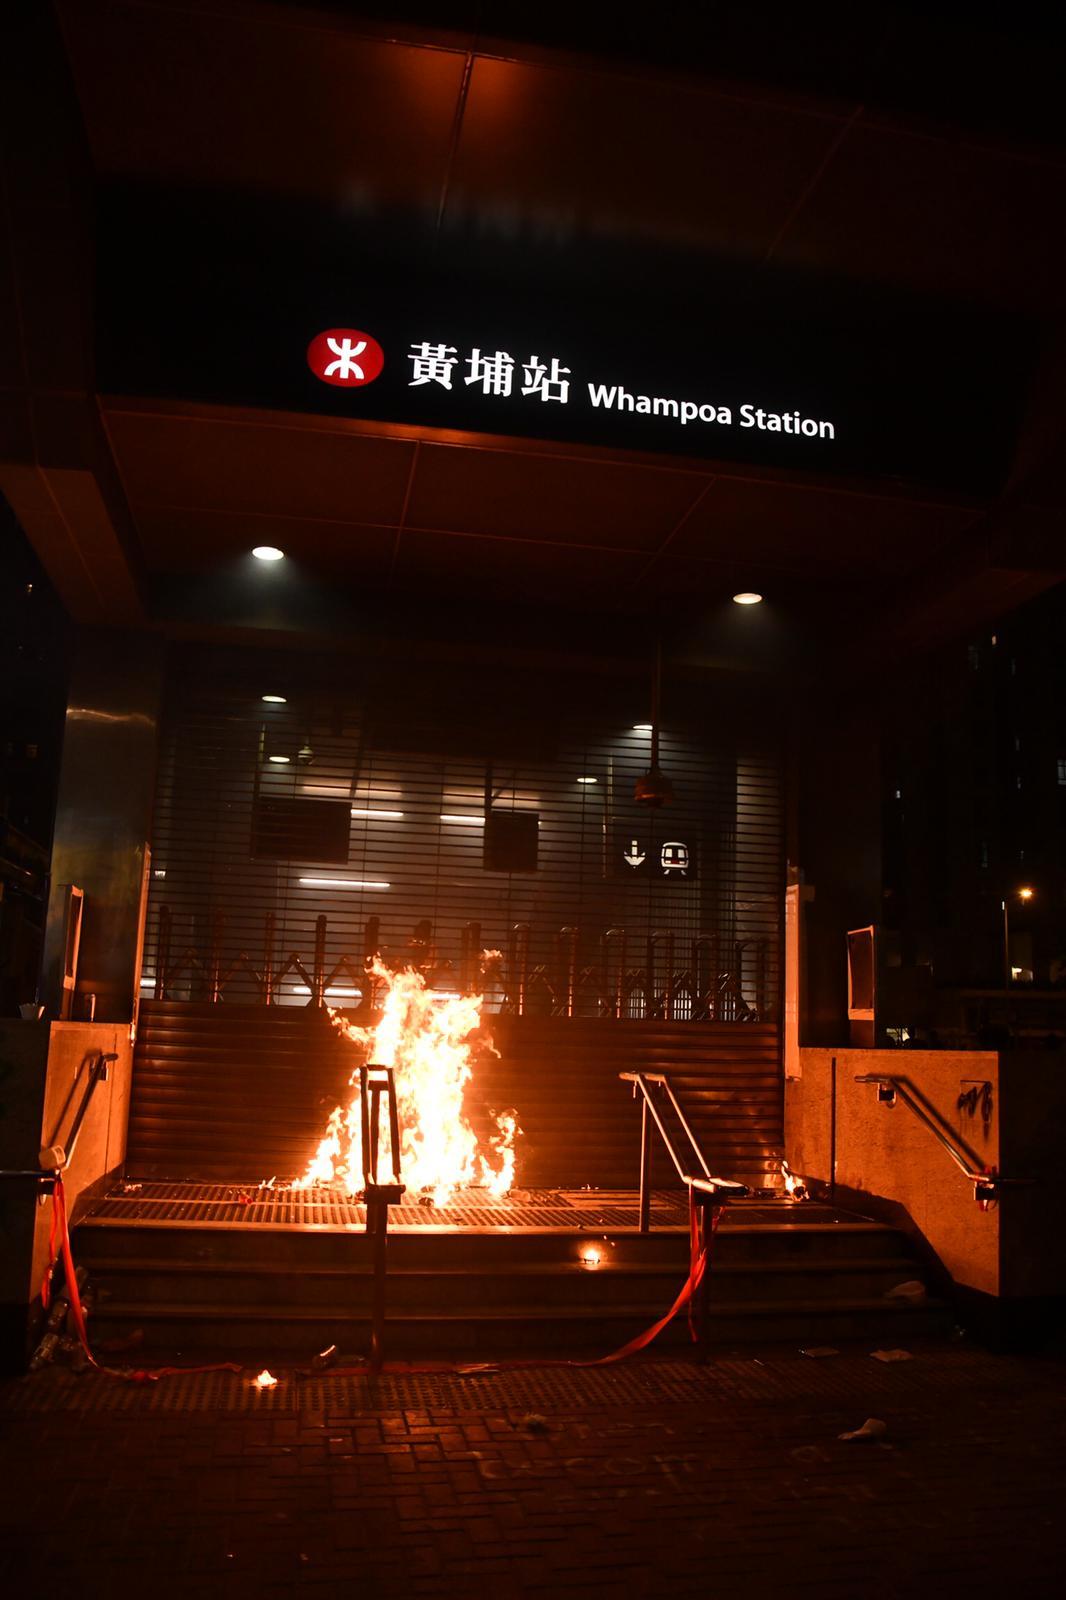 【修例风波】黄埔示威者掟汽油弹烧港铁站 警方曾发射催泪弹